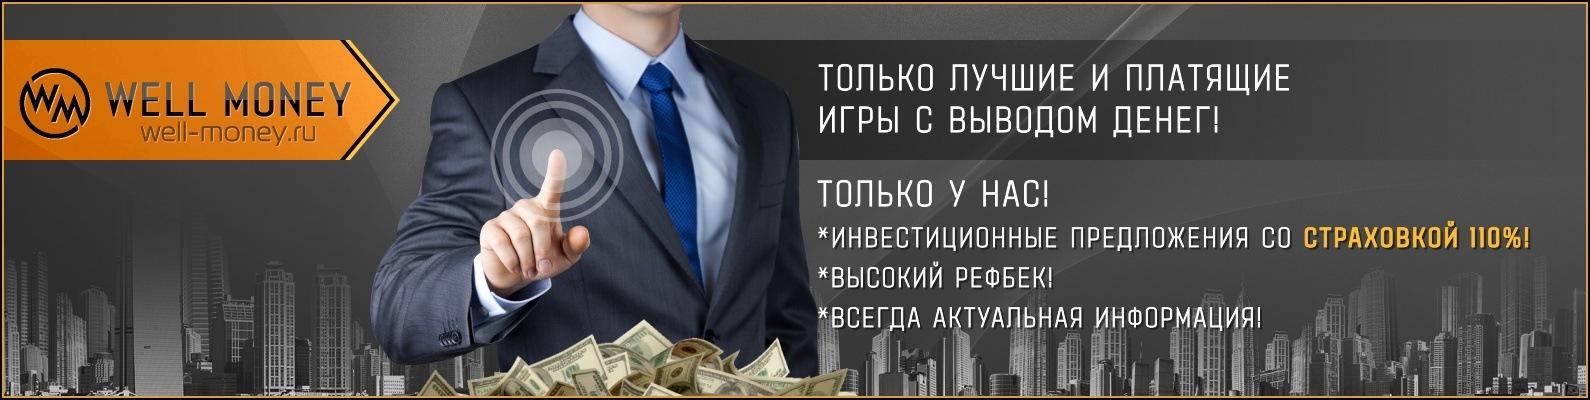 Well-Money.biz - Мониторинг инвестиционных проектов проектов+сёрфинг. NUBiFC4SuMs